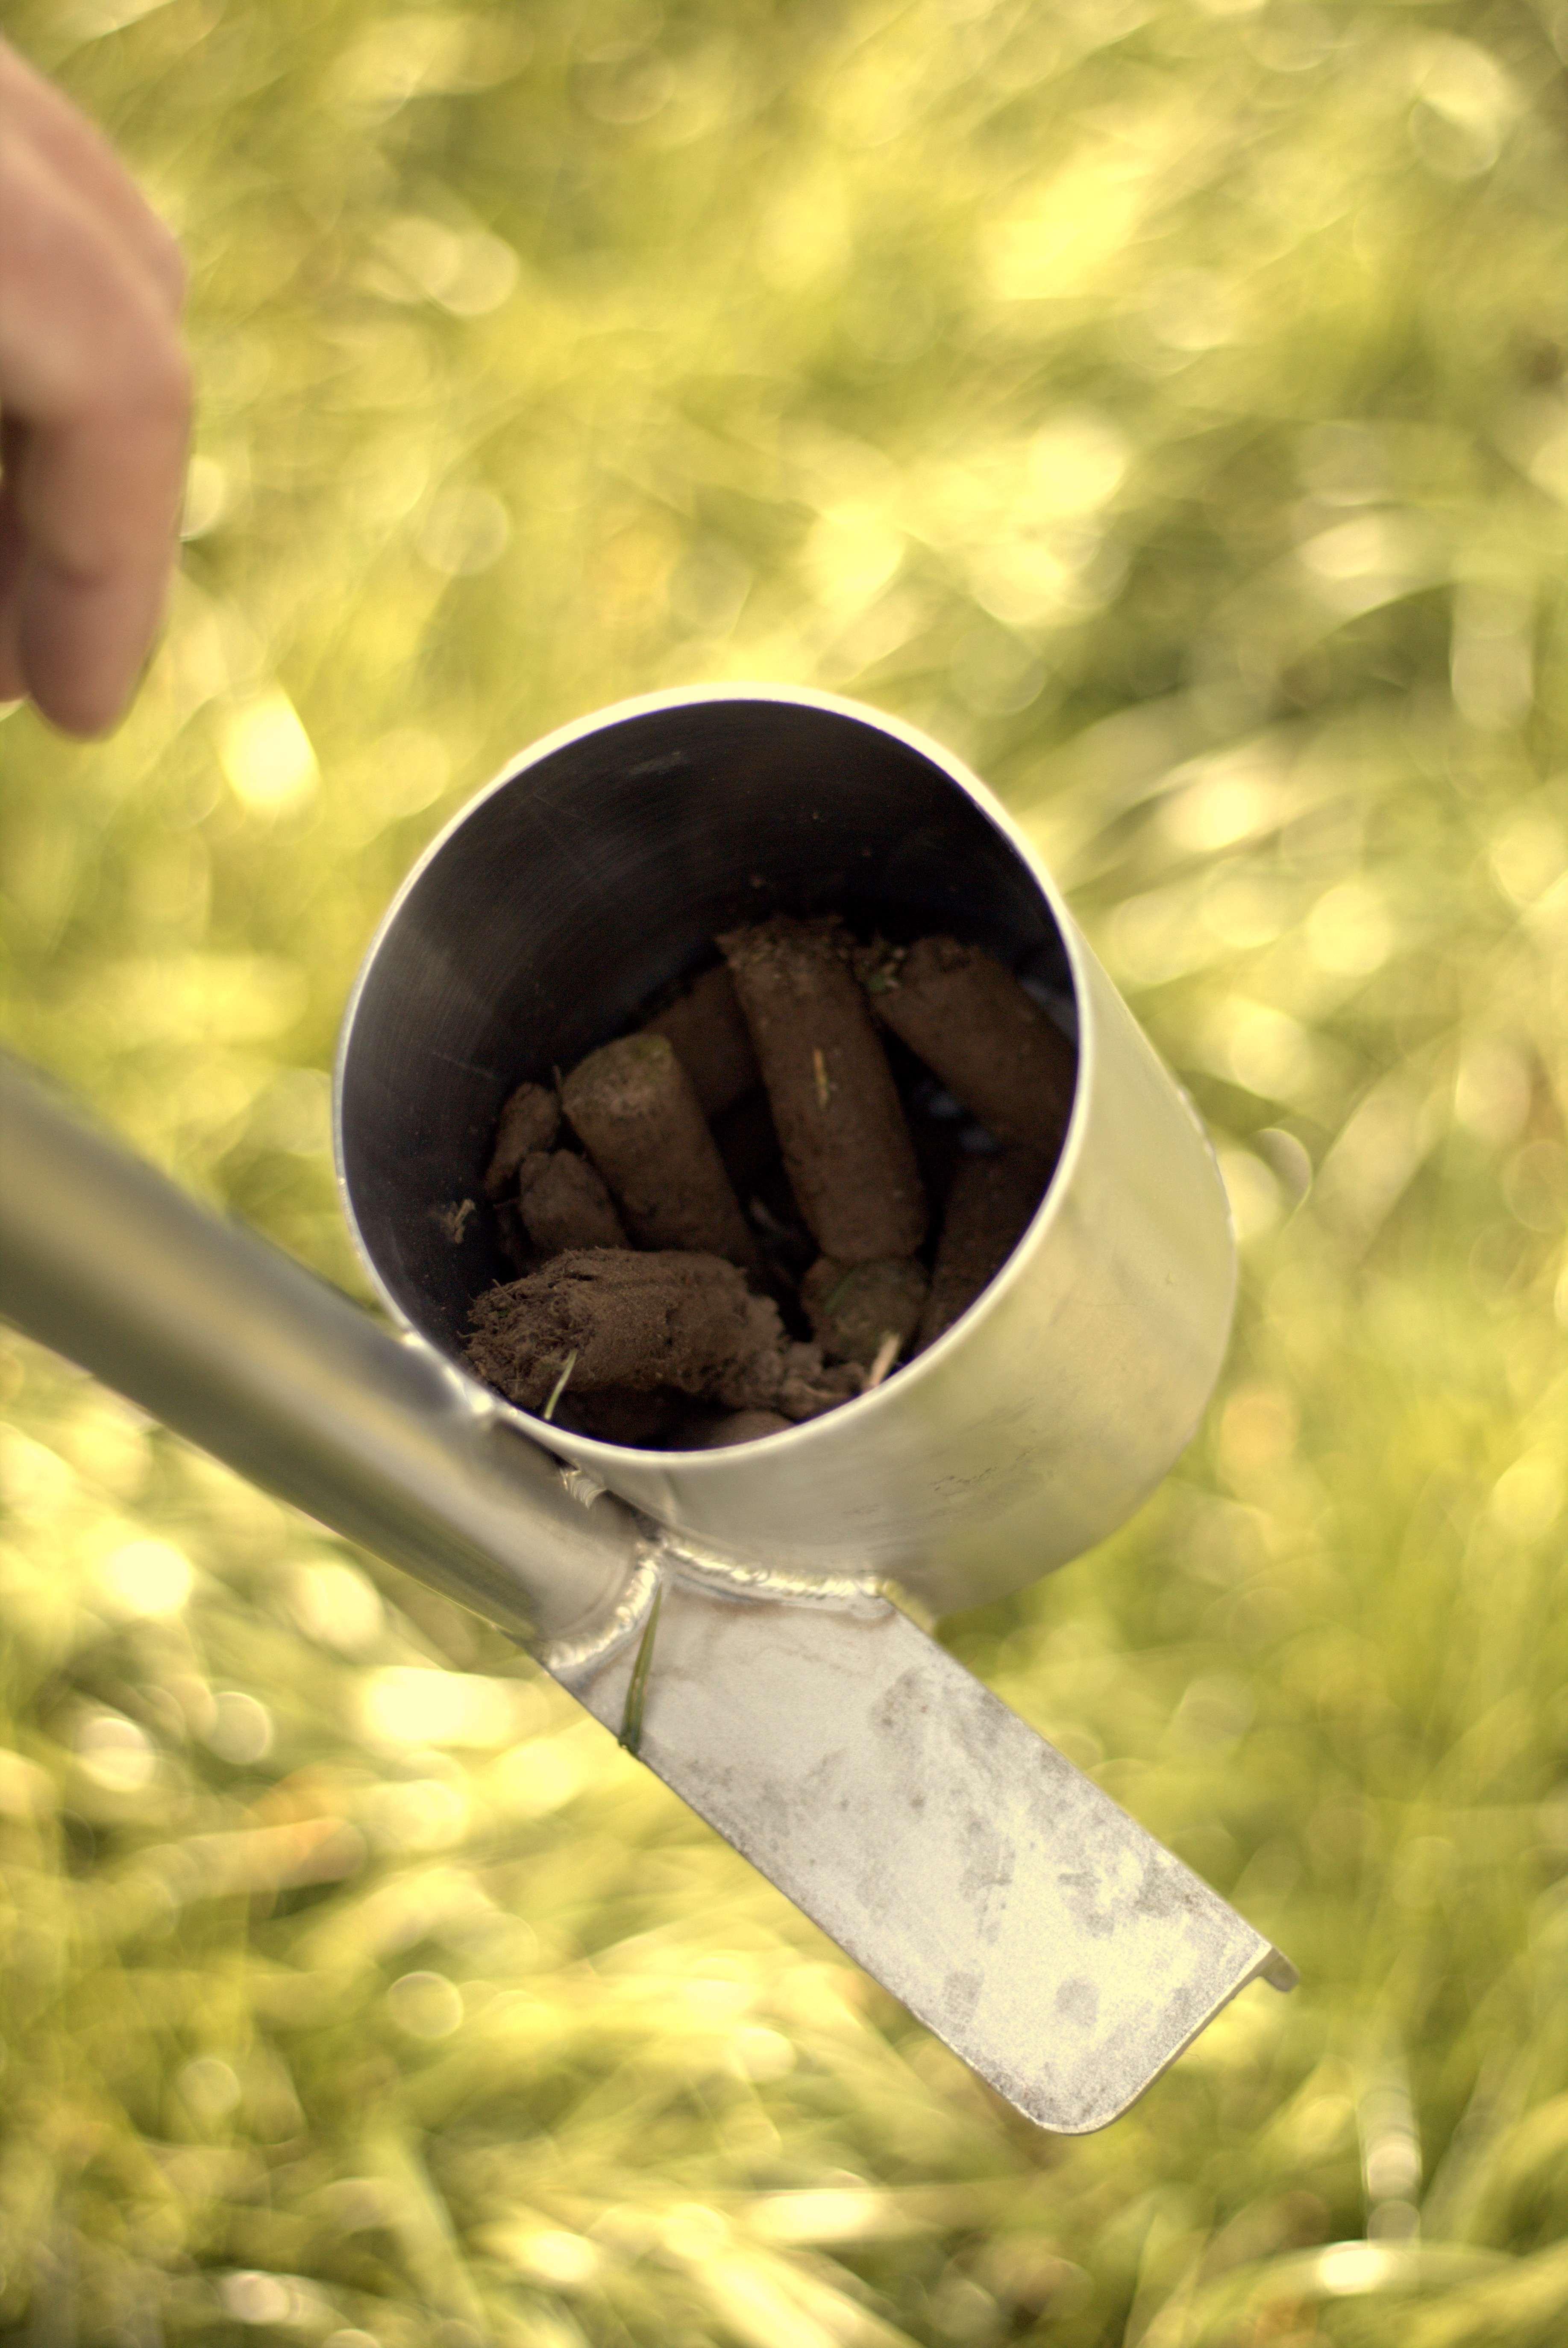 Soil Core Sampler